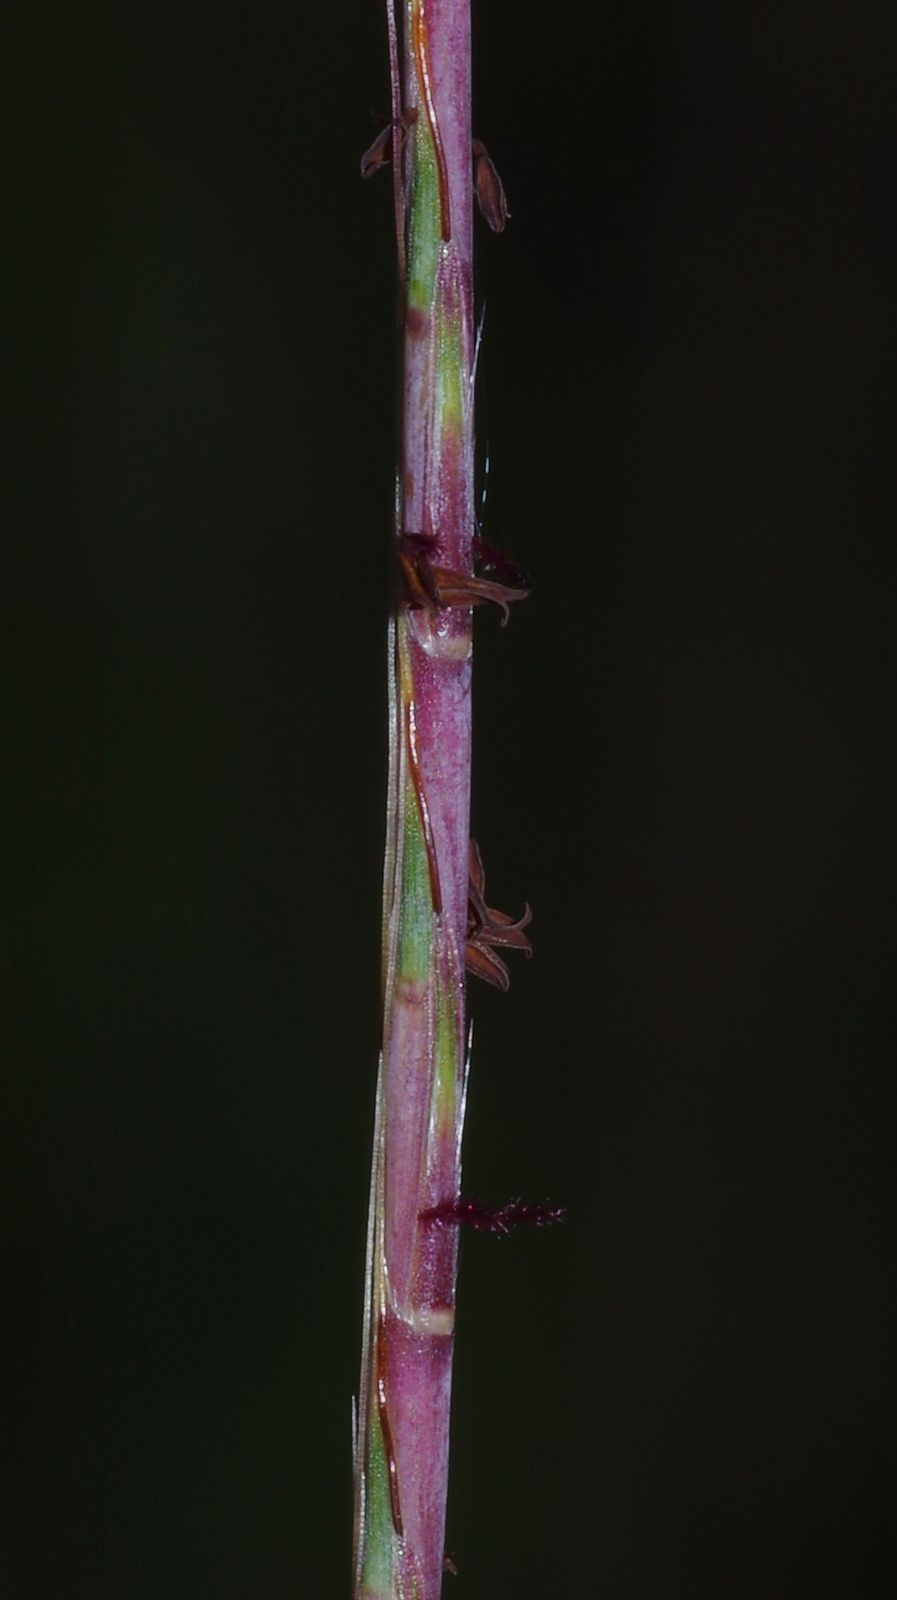 Schizachyrium sanguineum